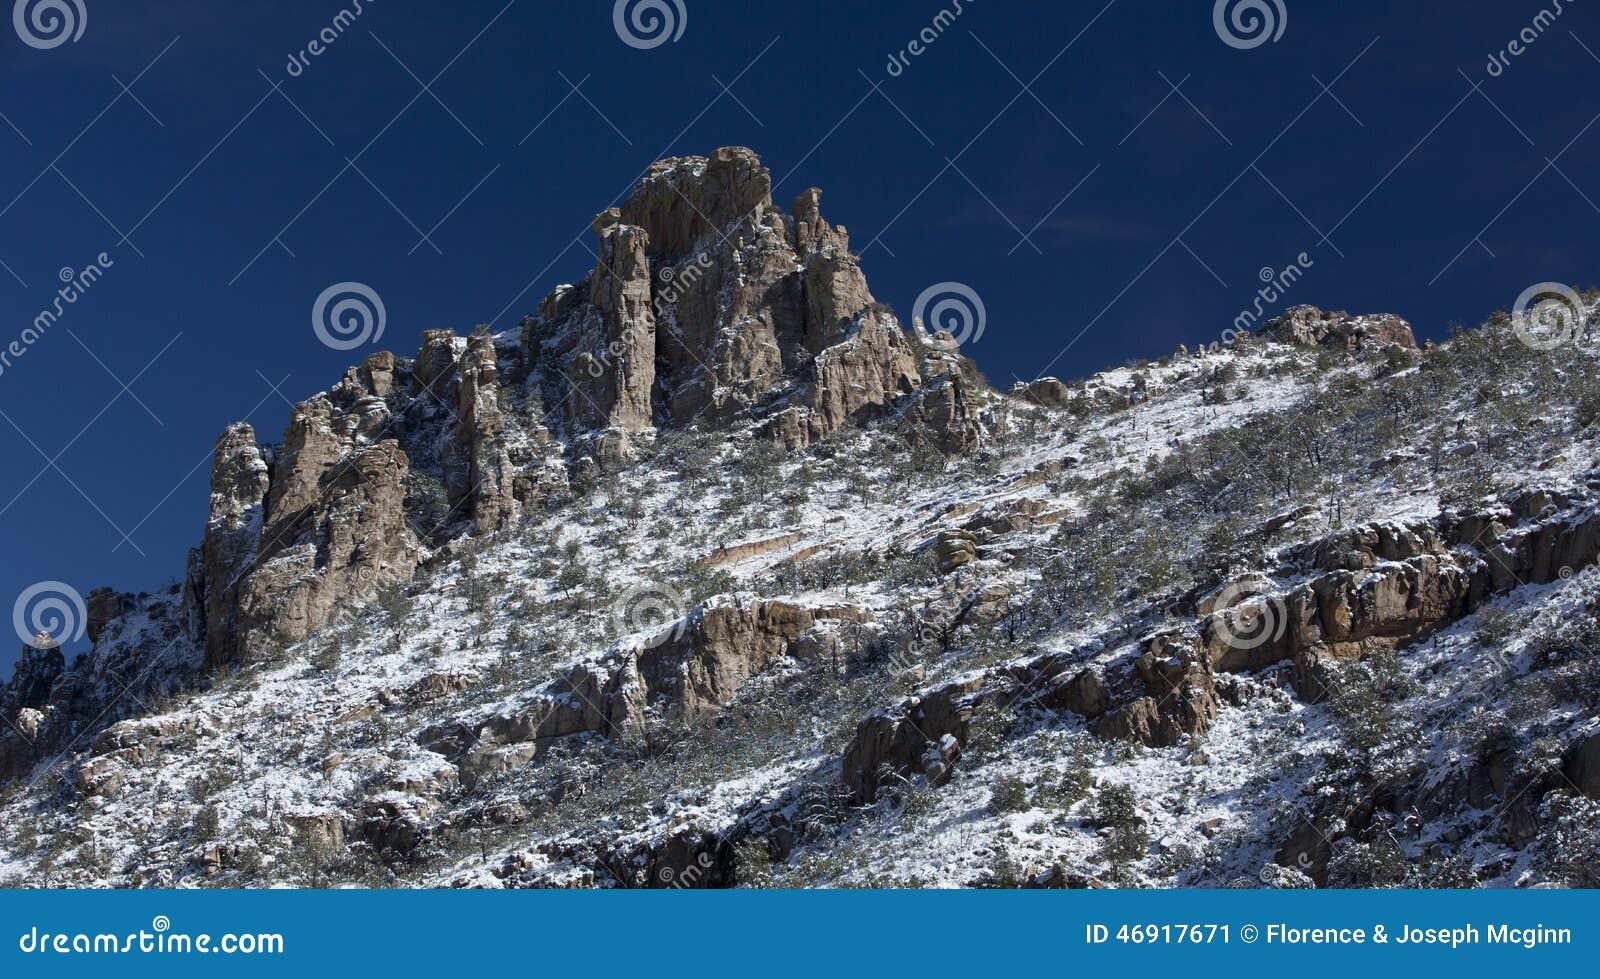 Snow dusts Catalina Mountain peak on Mt. Lemmon